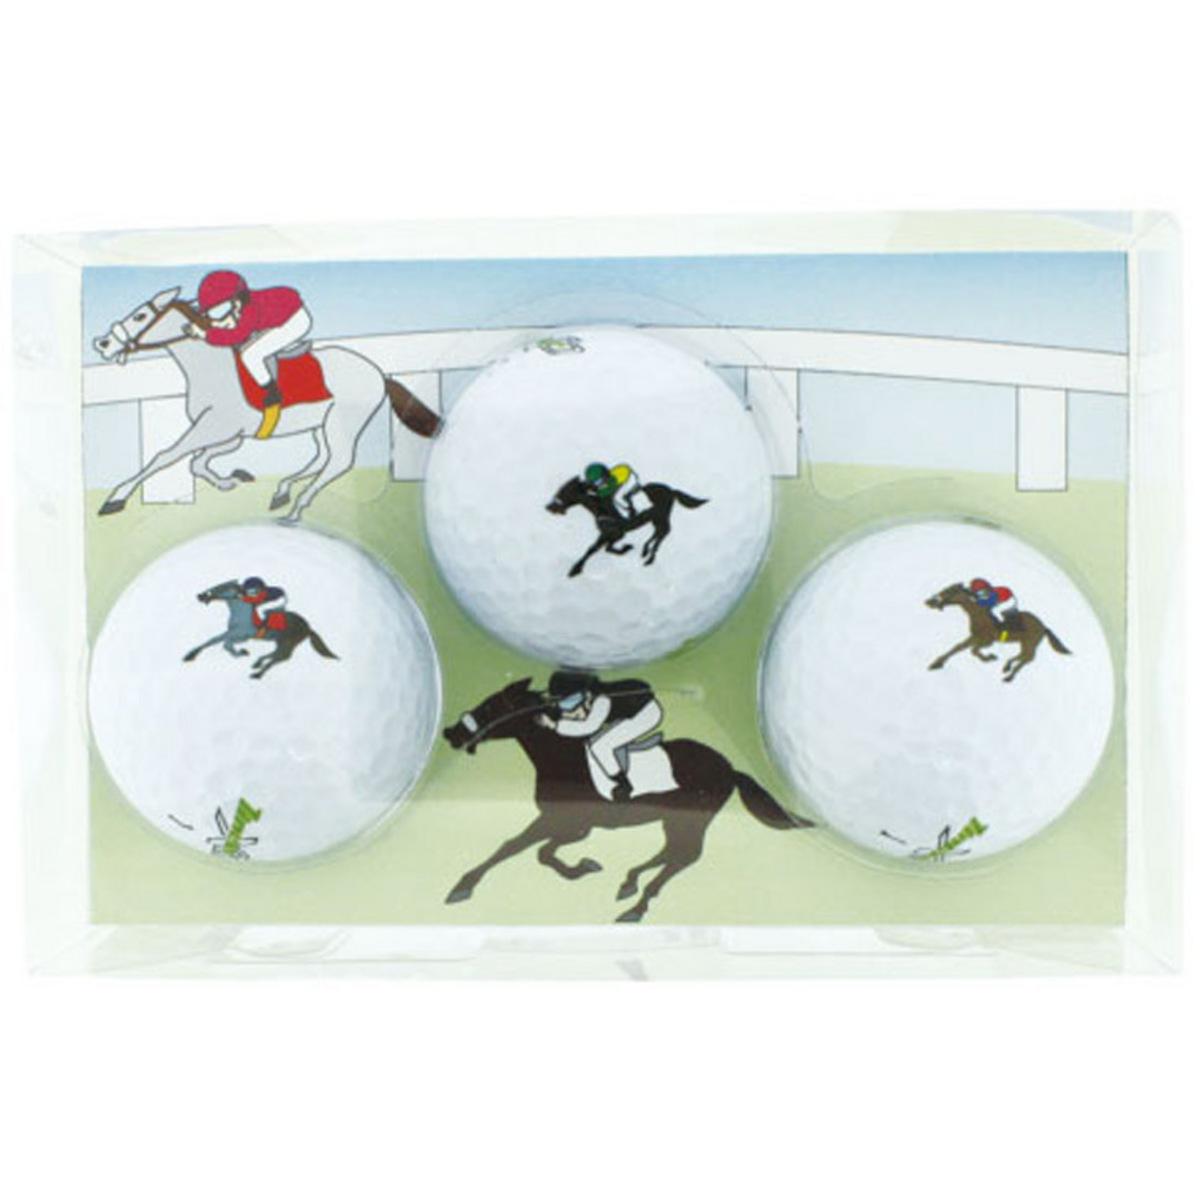 ホクシン交易 競走馬ボール 3個セット